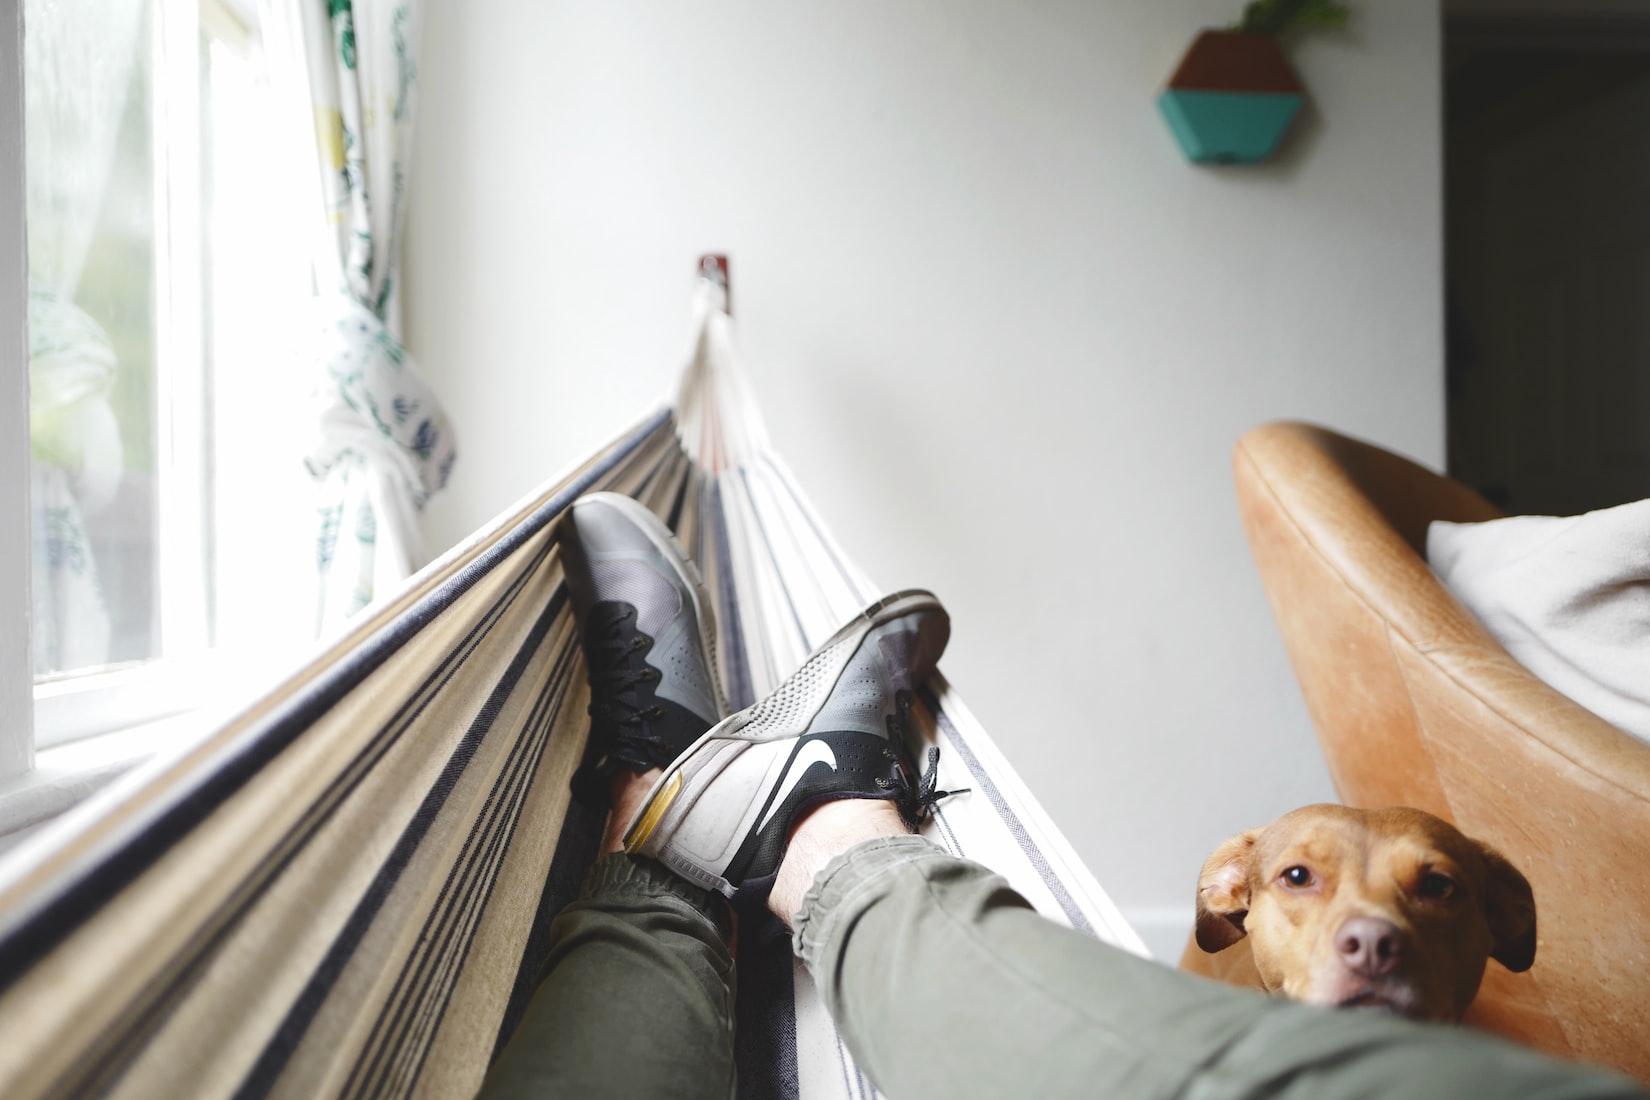 Pies sobre una hamaca interior y un perro mirando